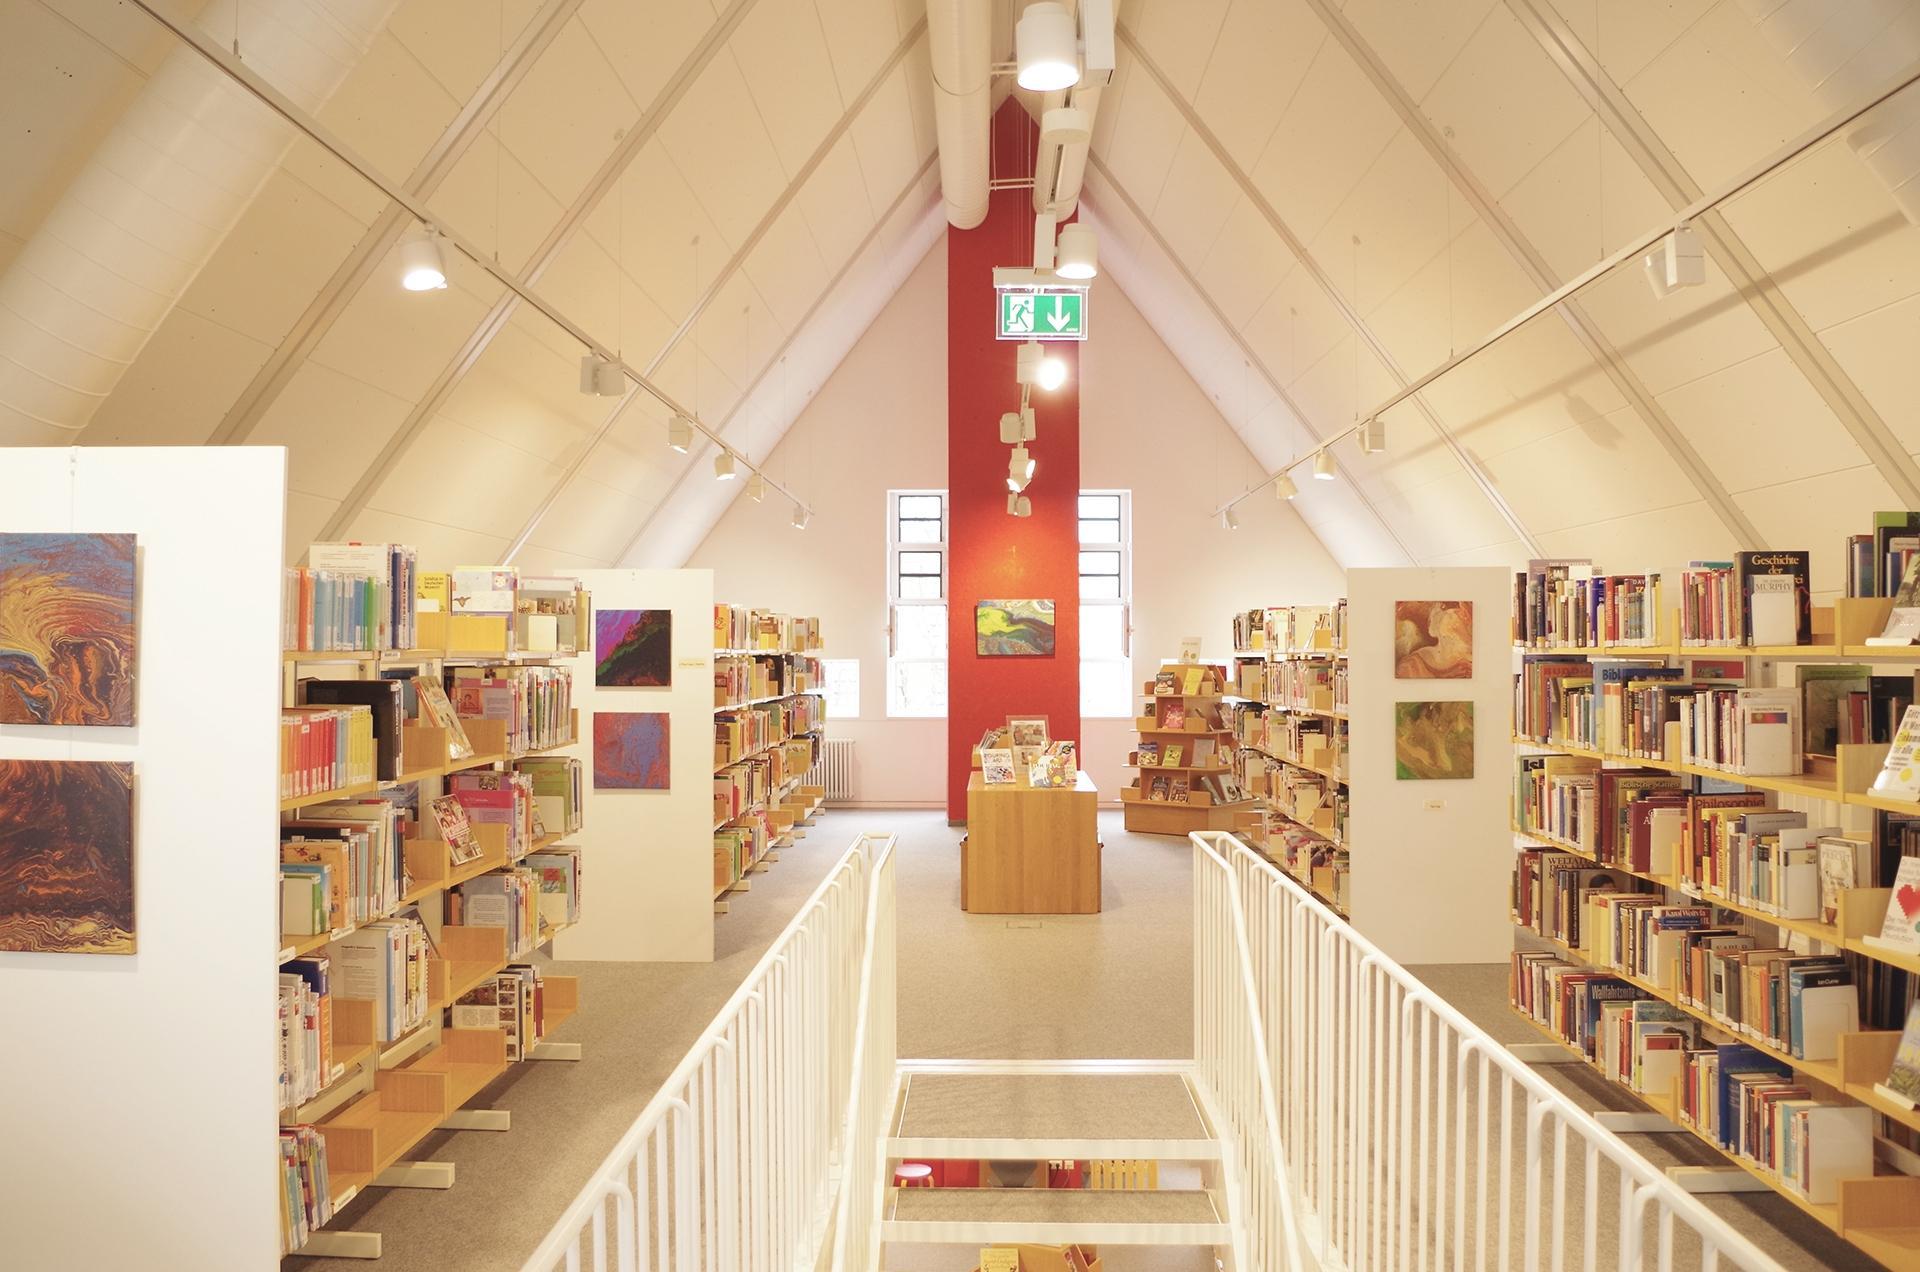 Stadtbibliothek Rheda-Wiedenbrück (1)